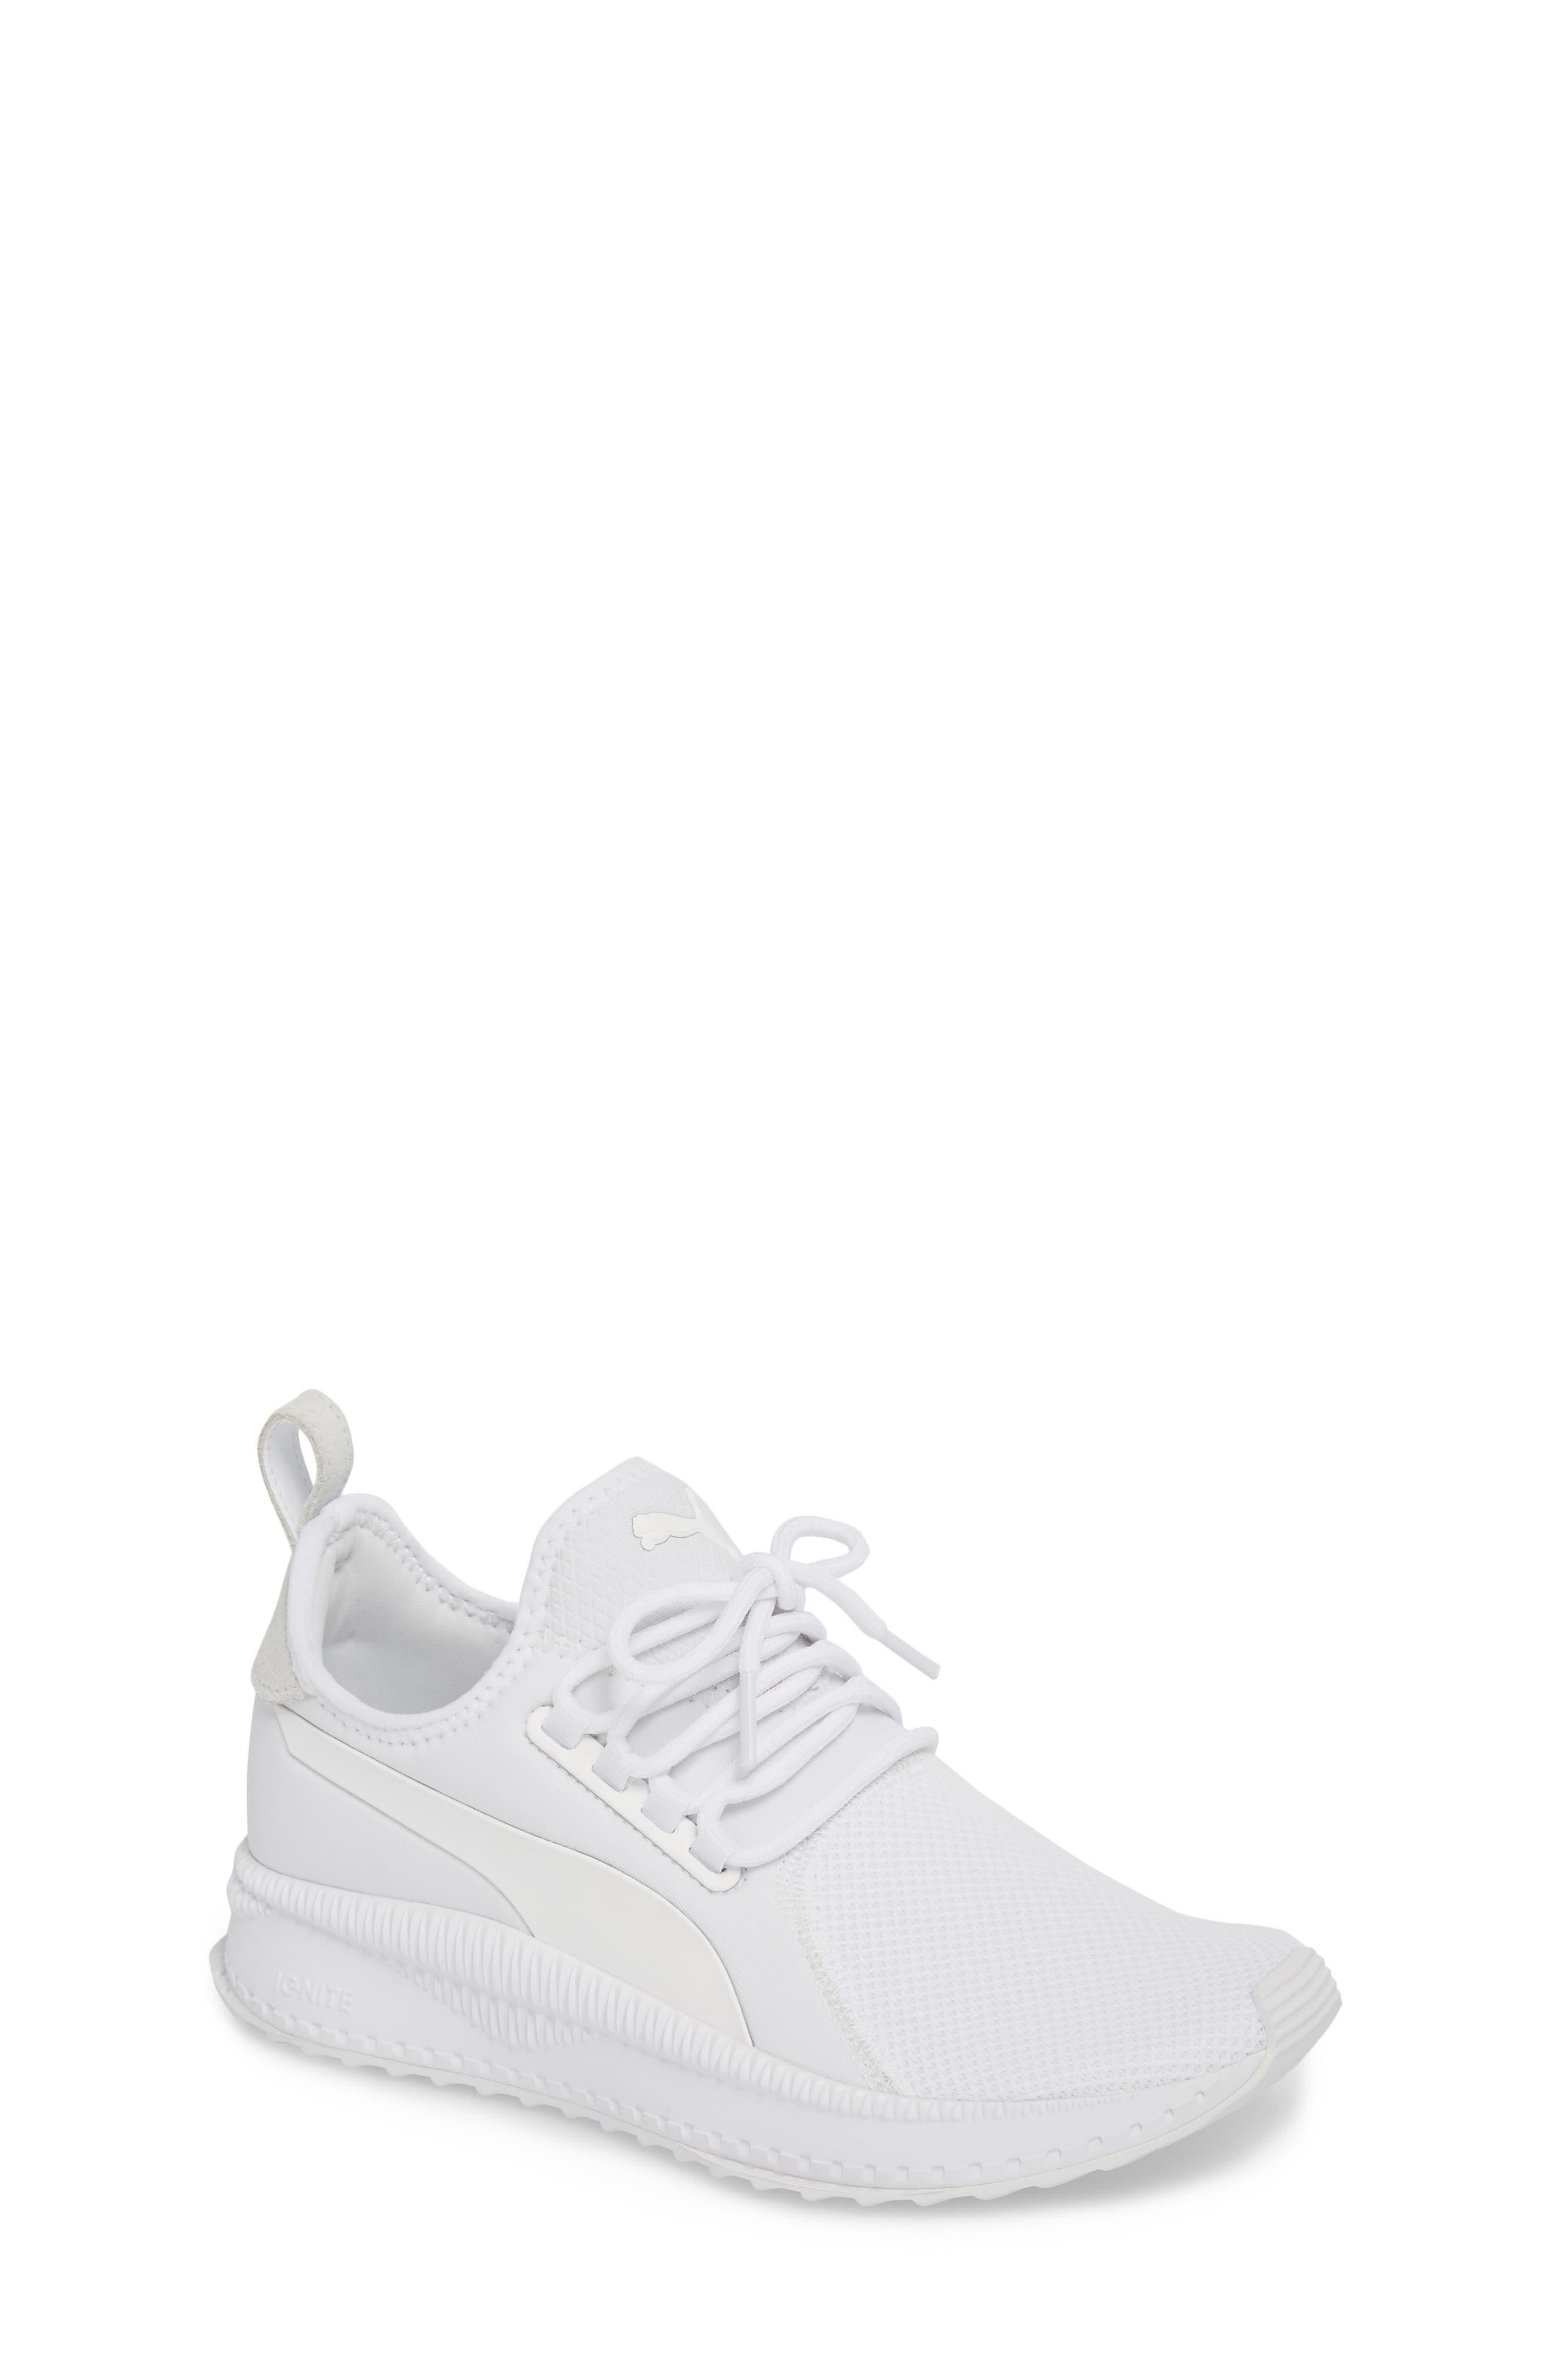 Tsugi Apex Sneaker,                         Main,                         color, White/ White